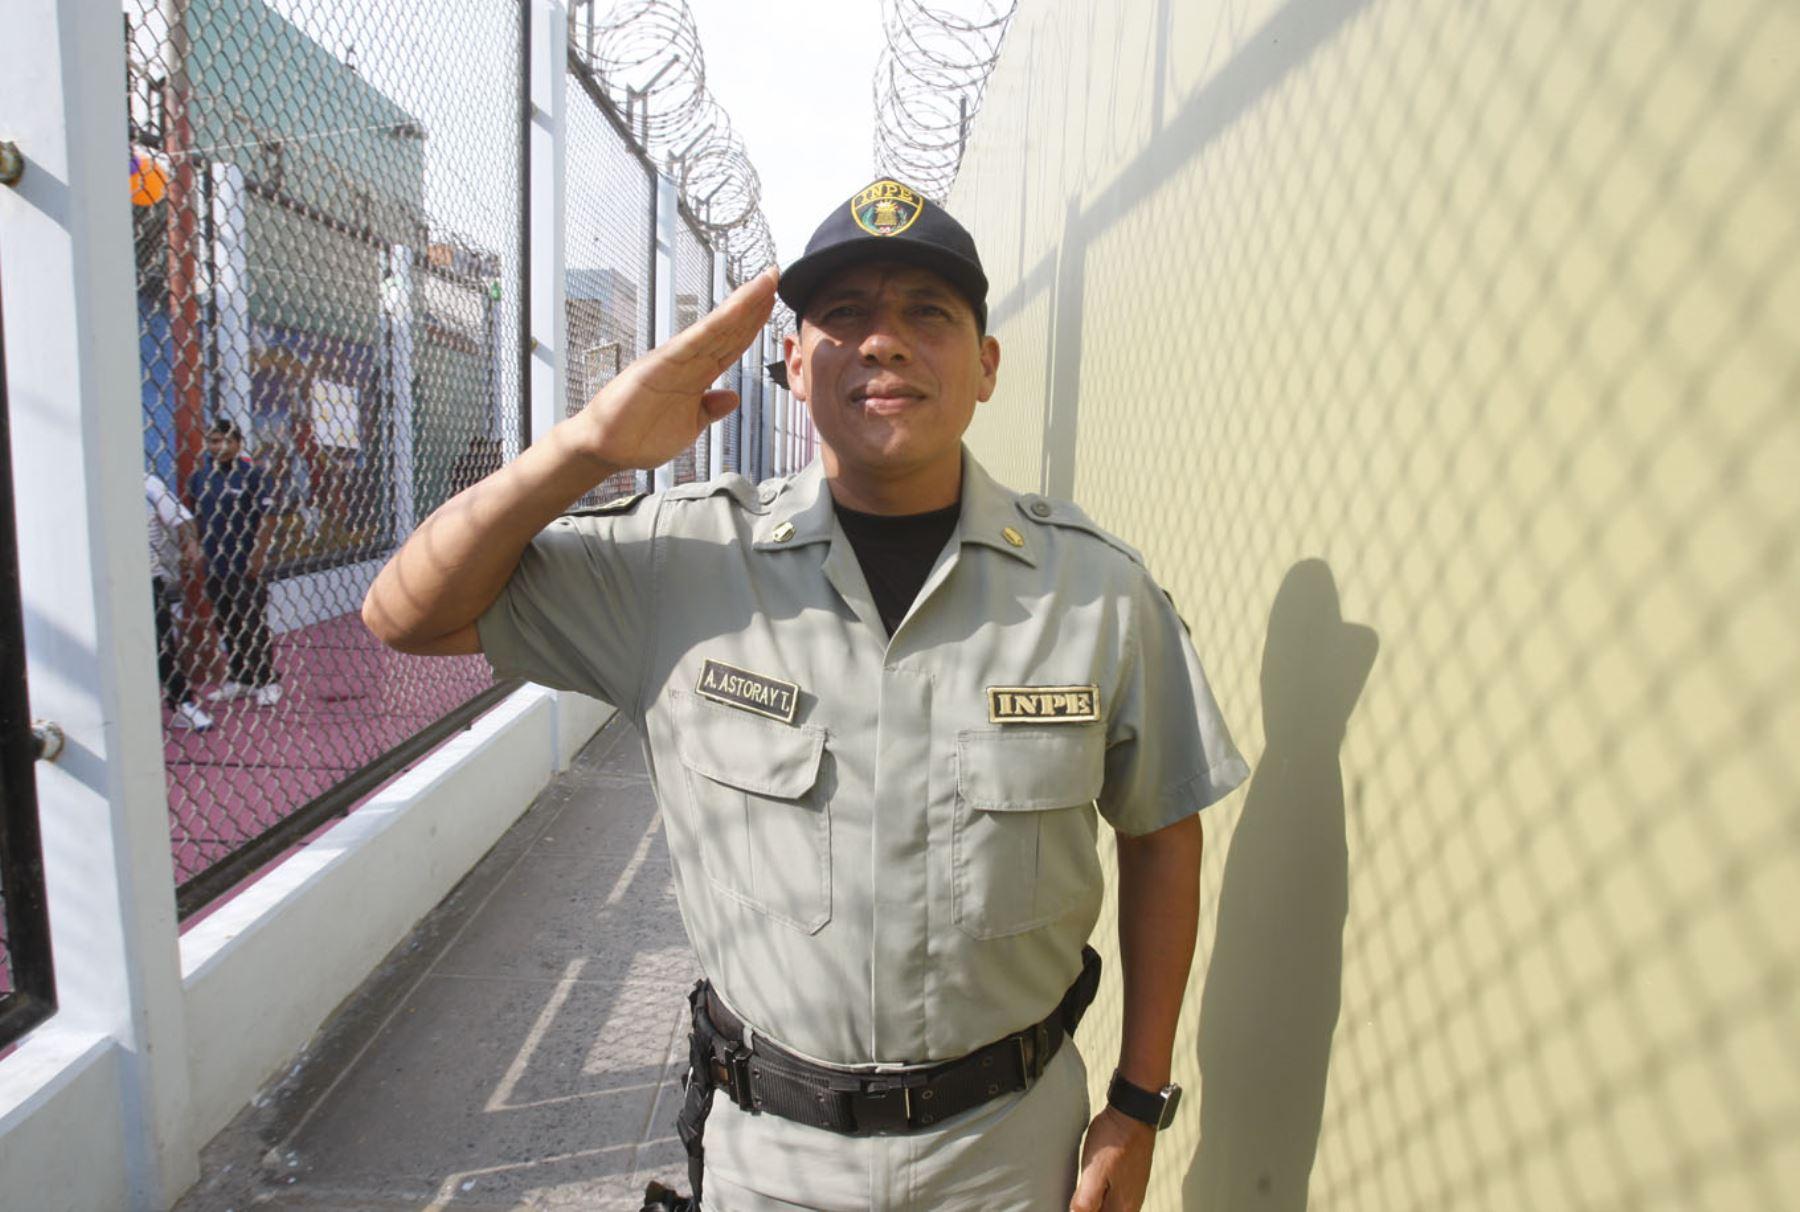 Alcaide de penal del Callao (antes Sarita Colonia) tiene 18 años de labor en el INPE. ANDINA/Eddy Ramos